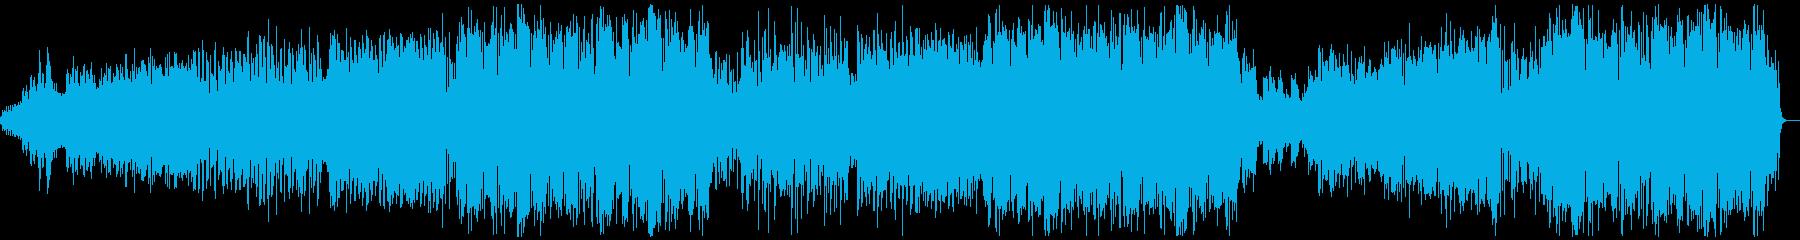 オシャレな英語ボーカルの洋楽風Popの再生済みの波形